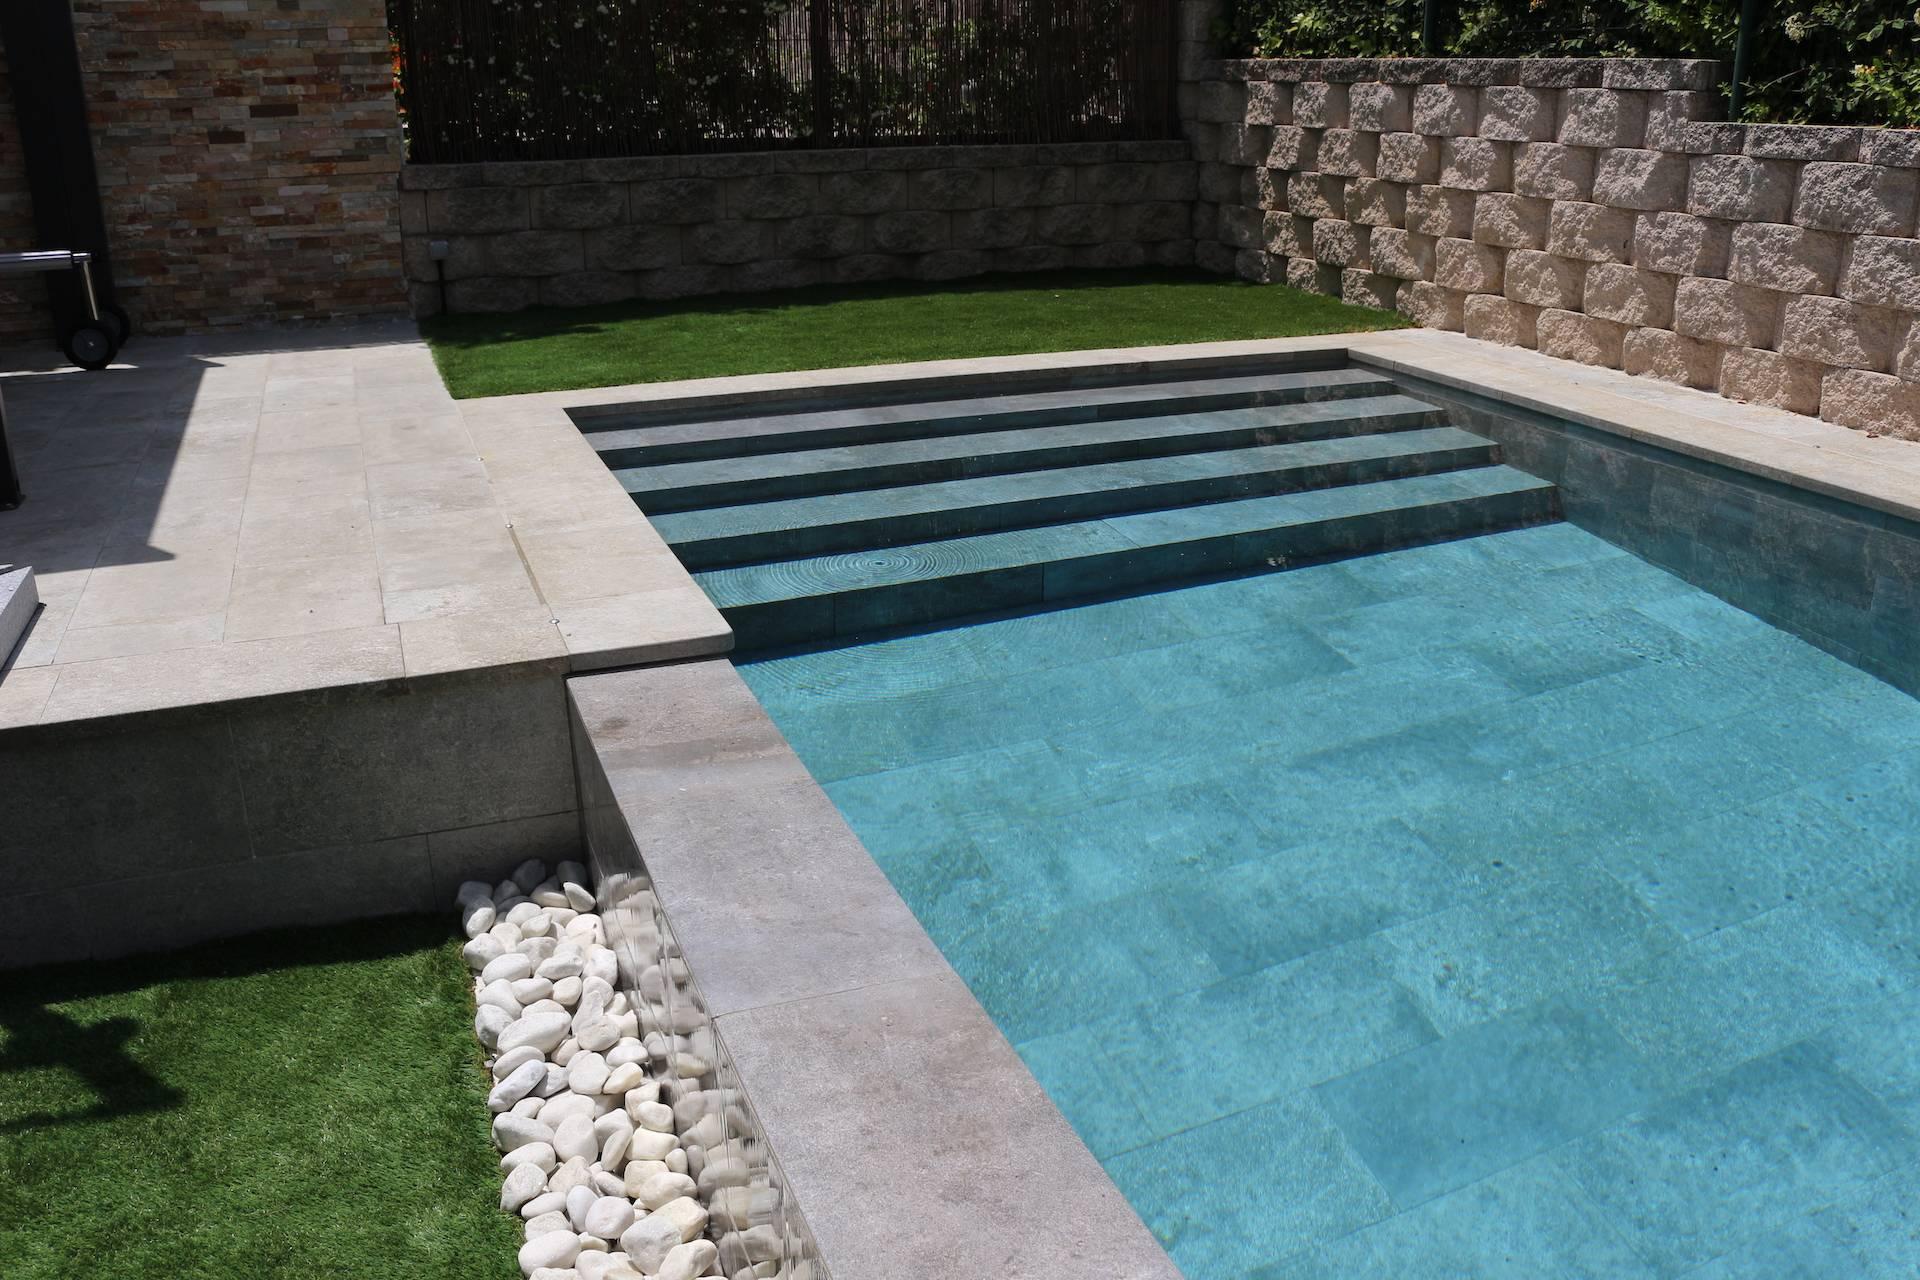 Construcción de piscina con escalera en todo el ancho